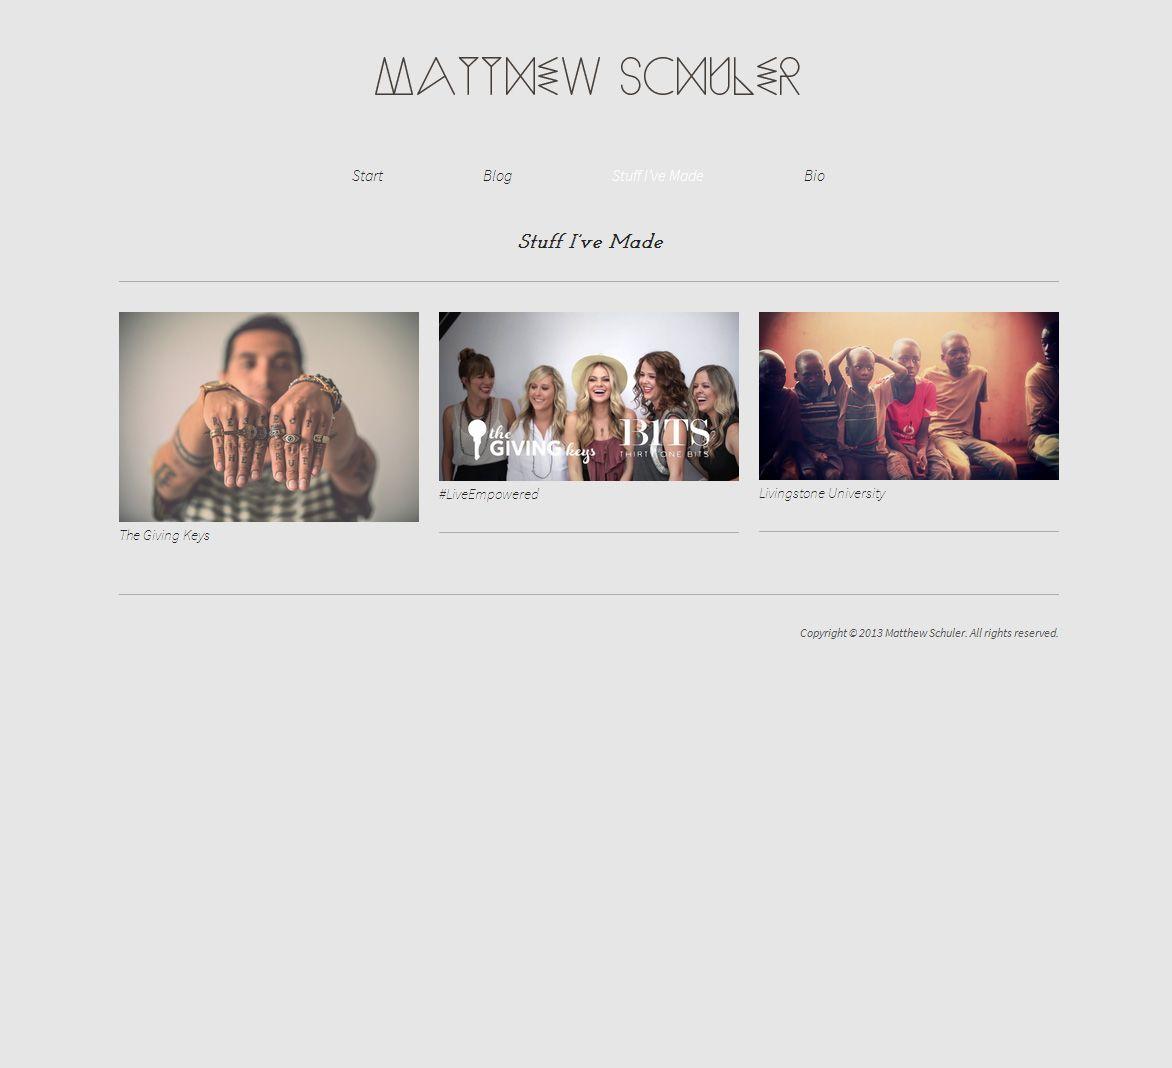 Matthew Schuler website inspiration #graphicdesign #website #websitedesign #design